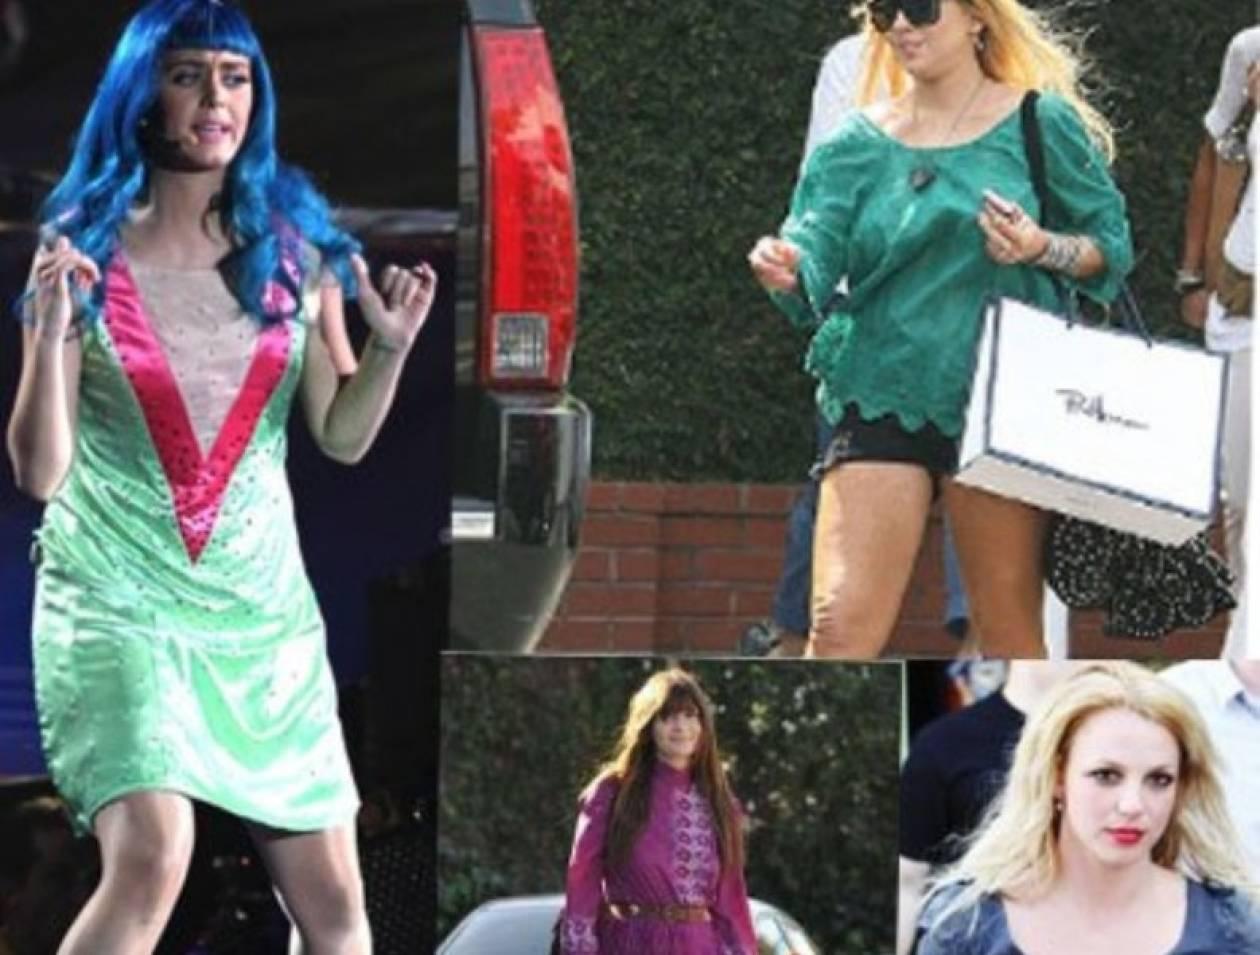 Οι celebrities που μισούν το γυμναστήριο και το δηλώνουν περίτρανα